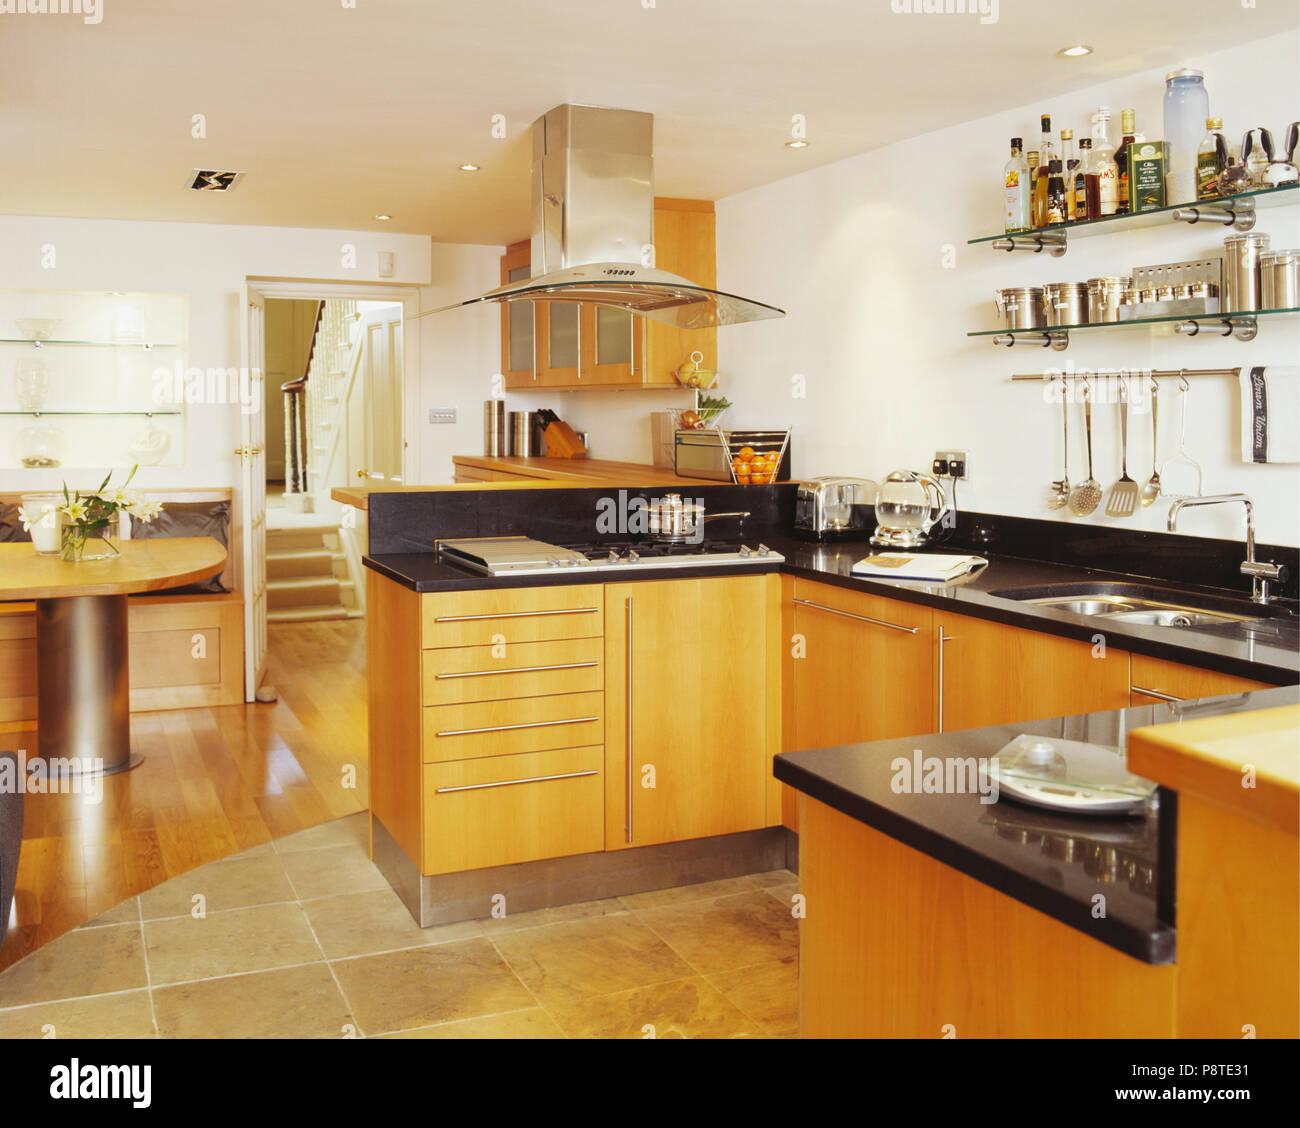 Moderne Weiße Küche Mit Hellem Holz Einbauschränke Mit Schwarzen